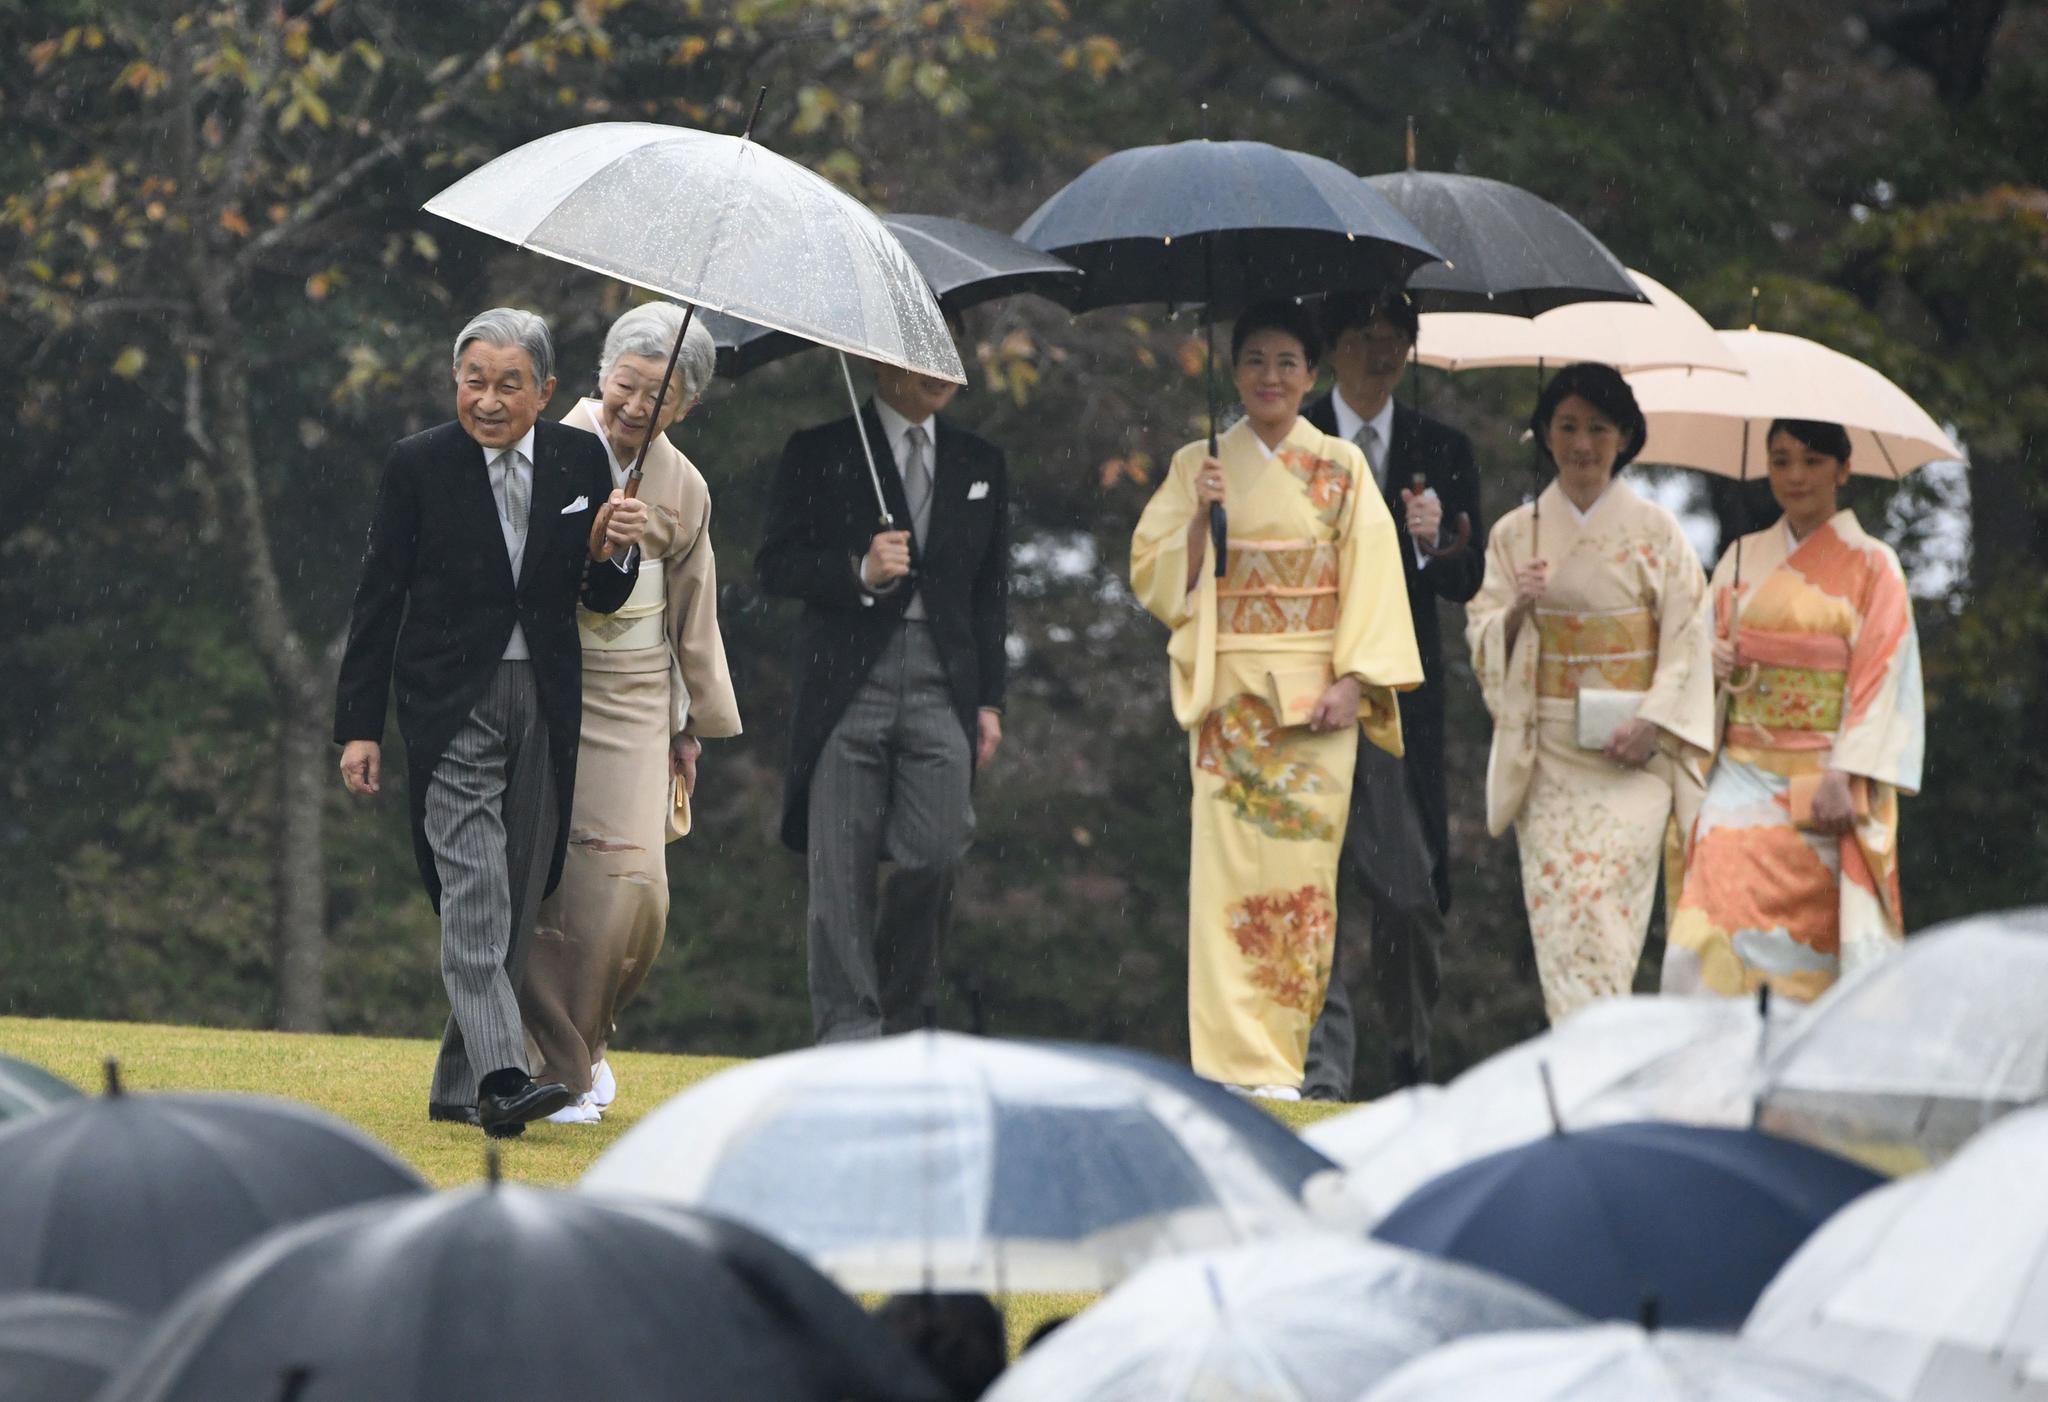 Begleitet wird das japanische Kaiserpaar (links) von seiner Familie: